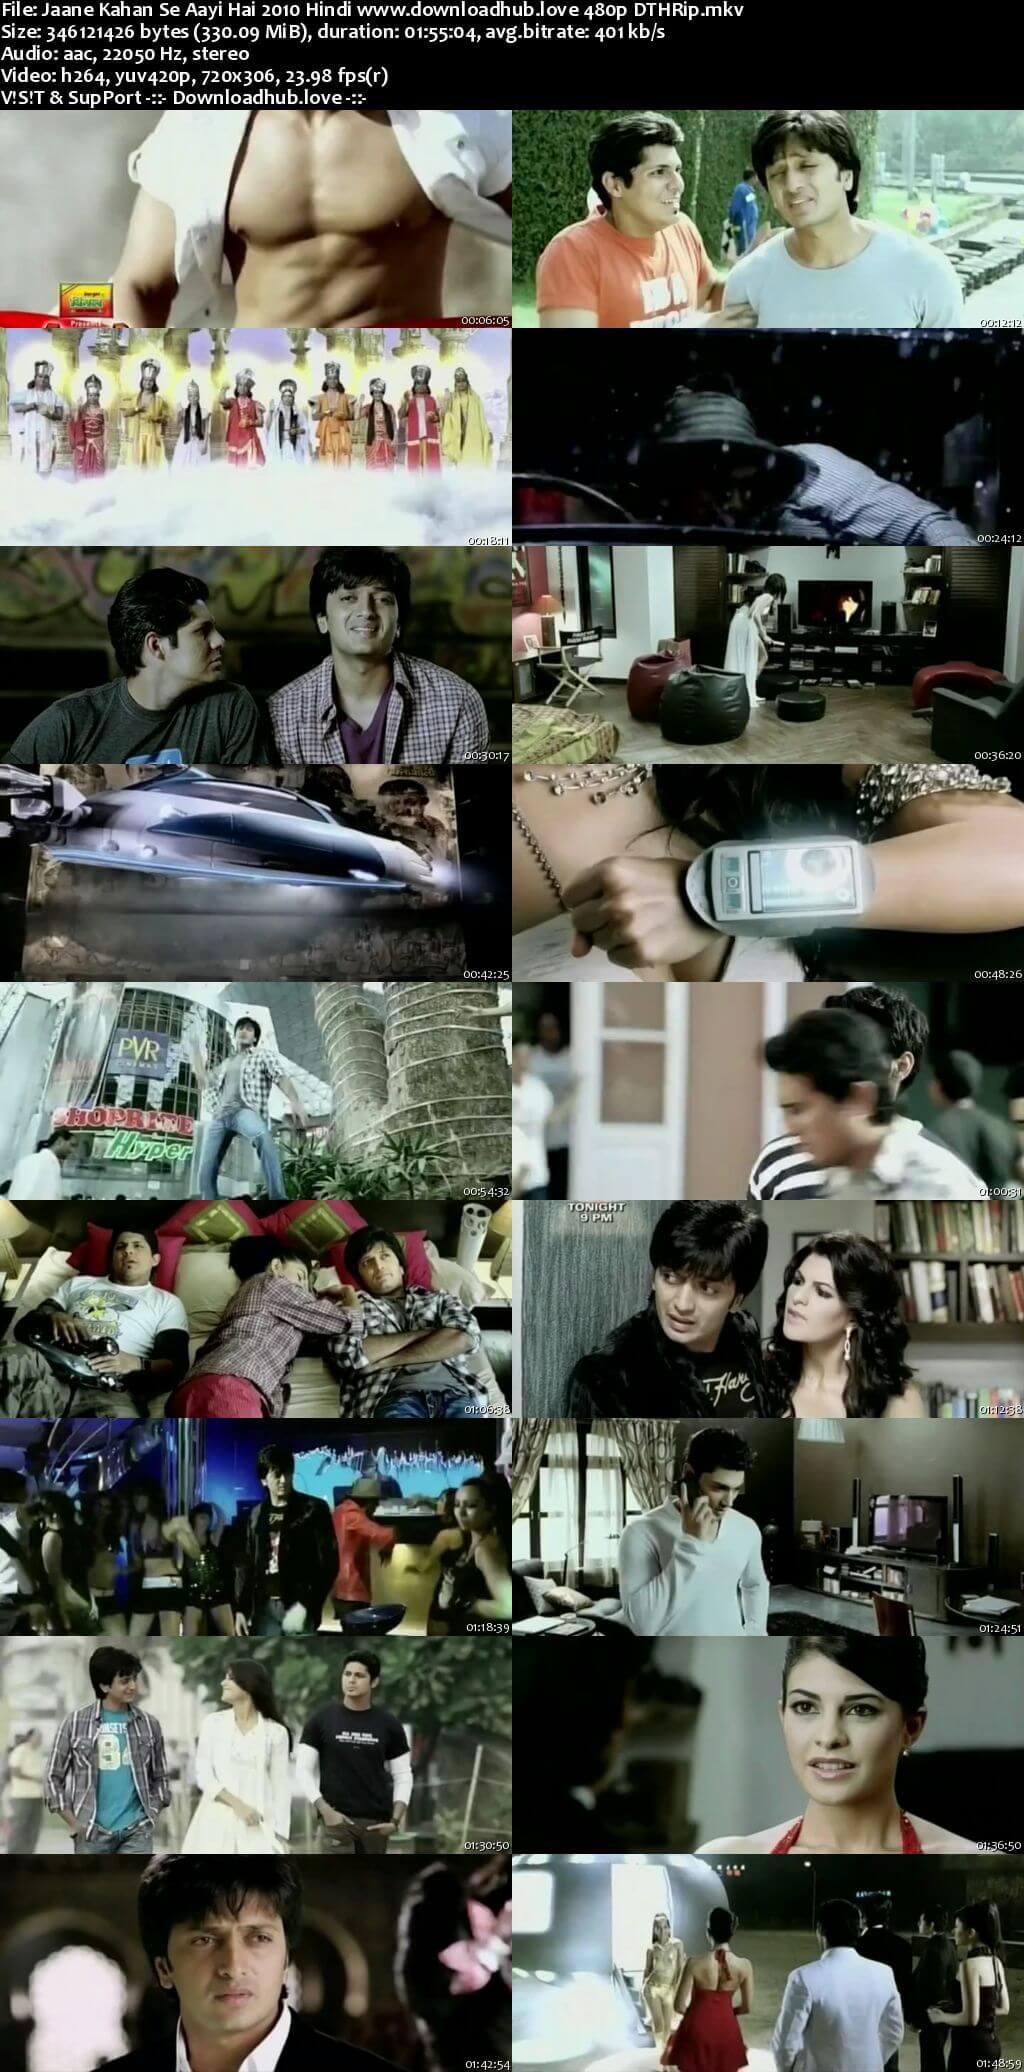 Jaane Kahan Se Aayi Hai 2010 Hindi 330MB DTHRip 480p